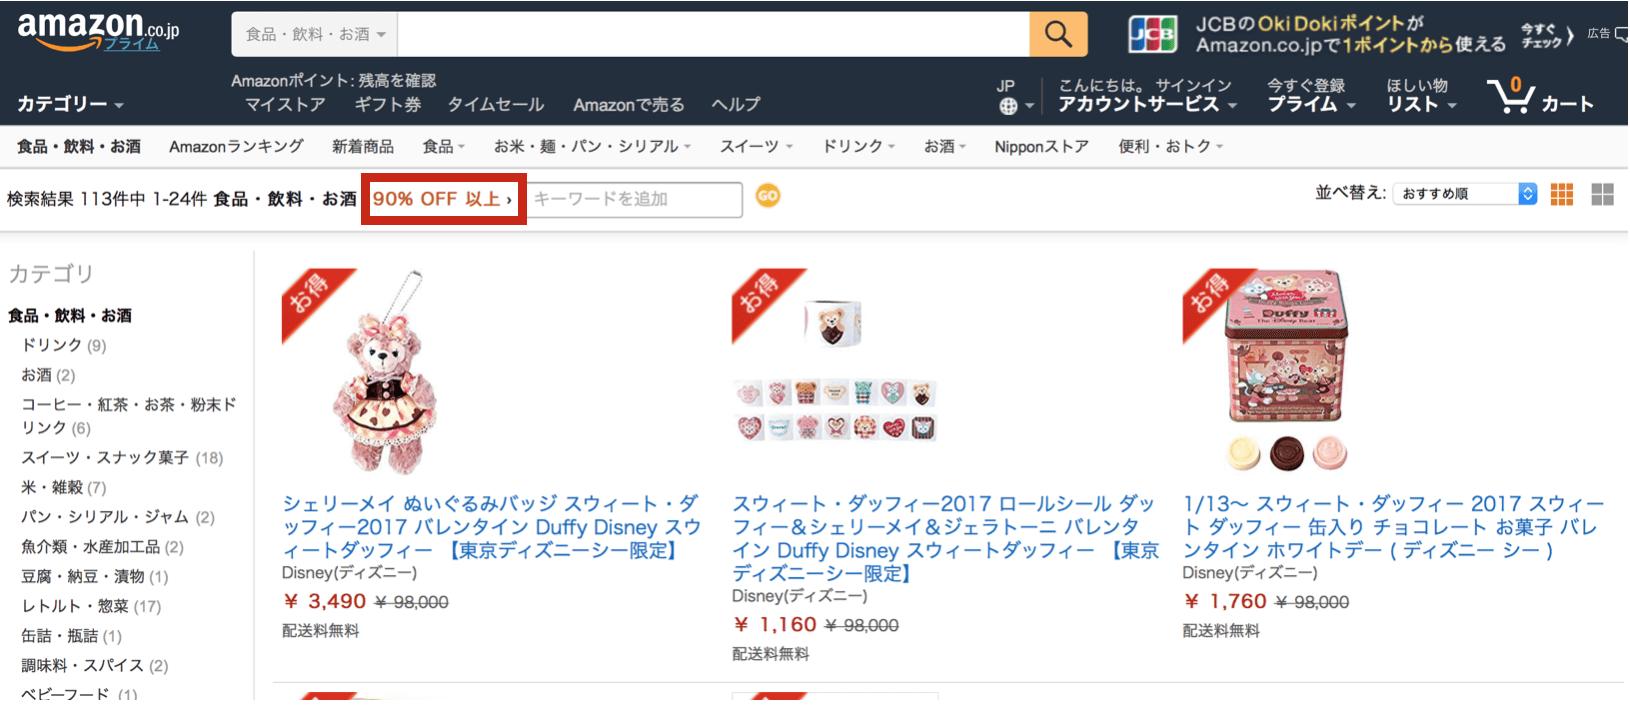 Amazonの公式ページ